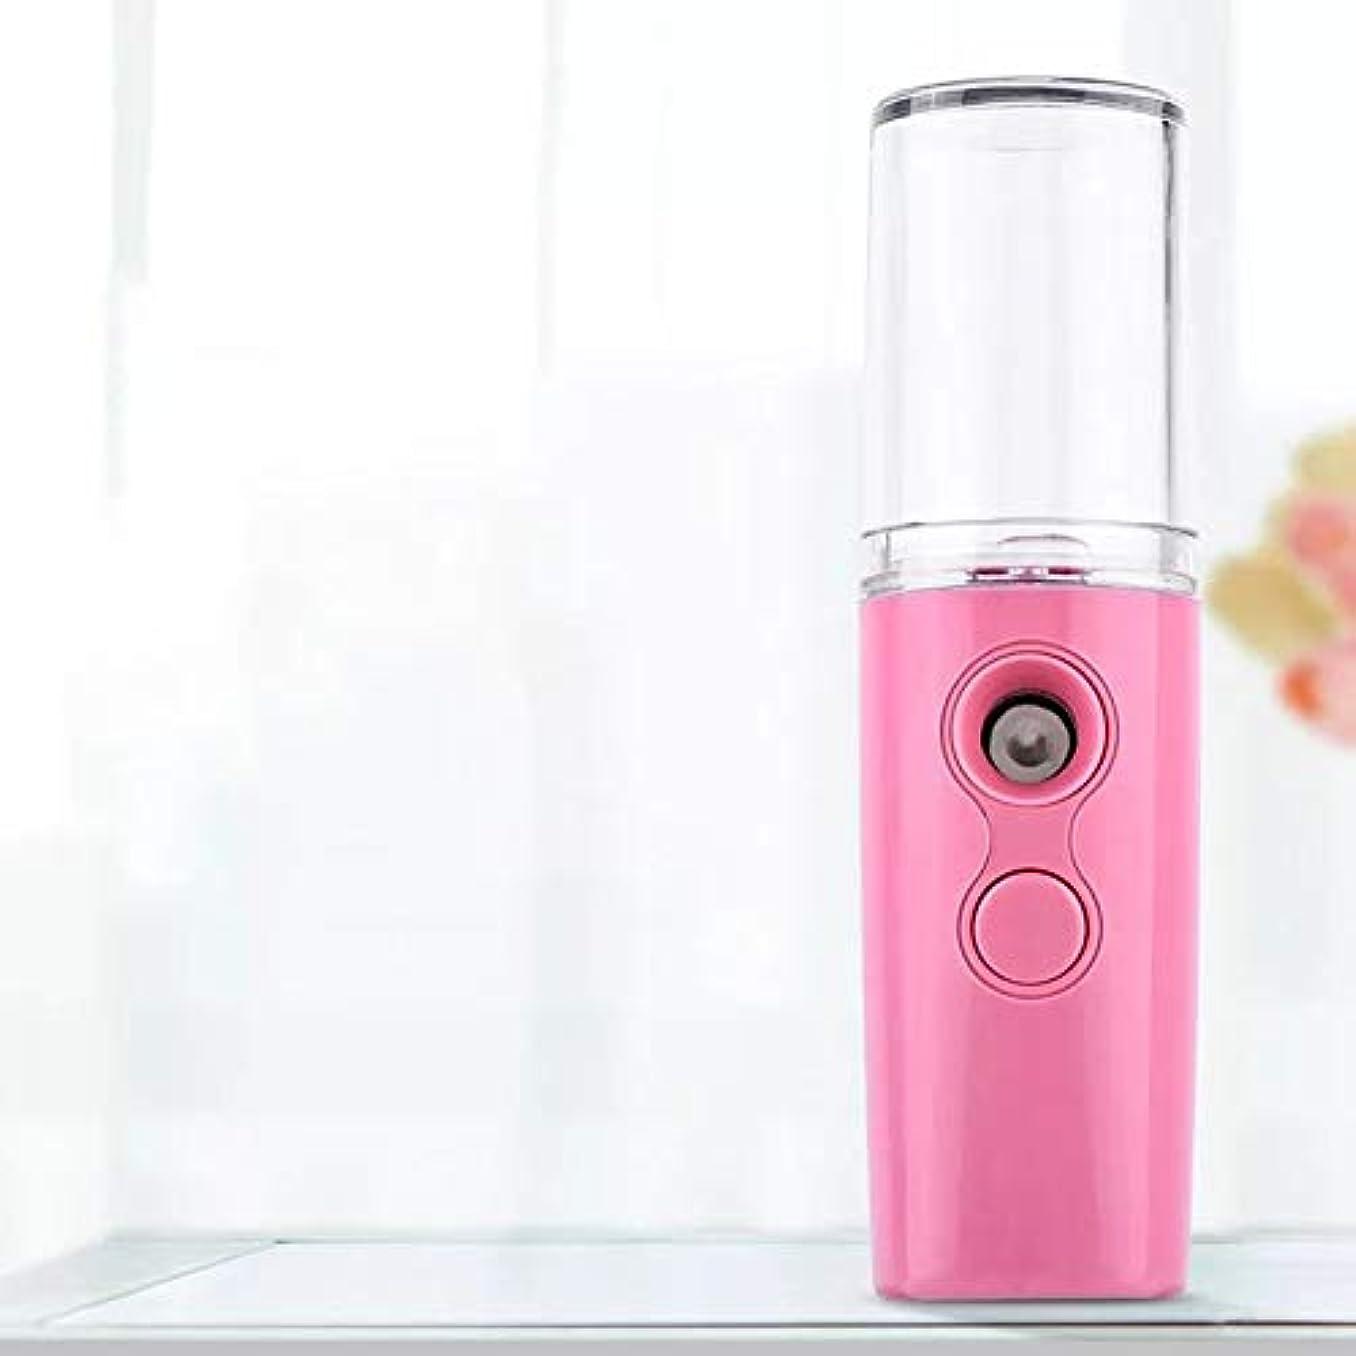 座るバン罪悪感ACHICOO ポータブルミストスプレーフェイスボディネブライザースチーマー保湿フェイススプレー美容器具 pink